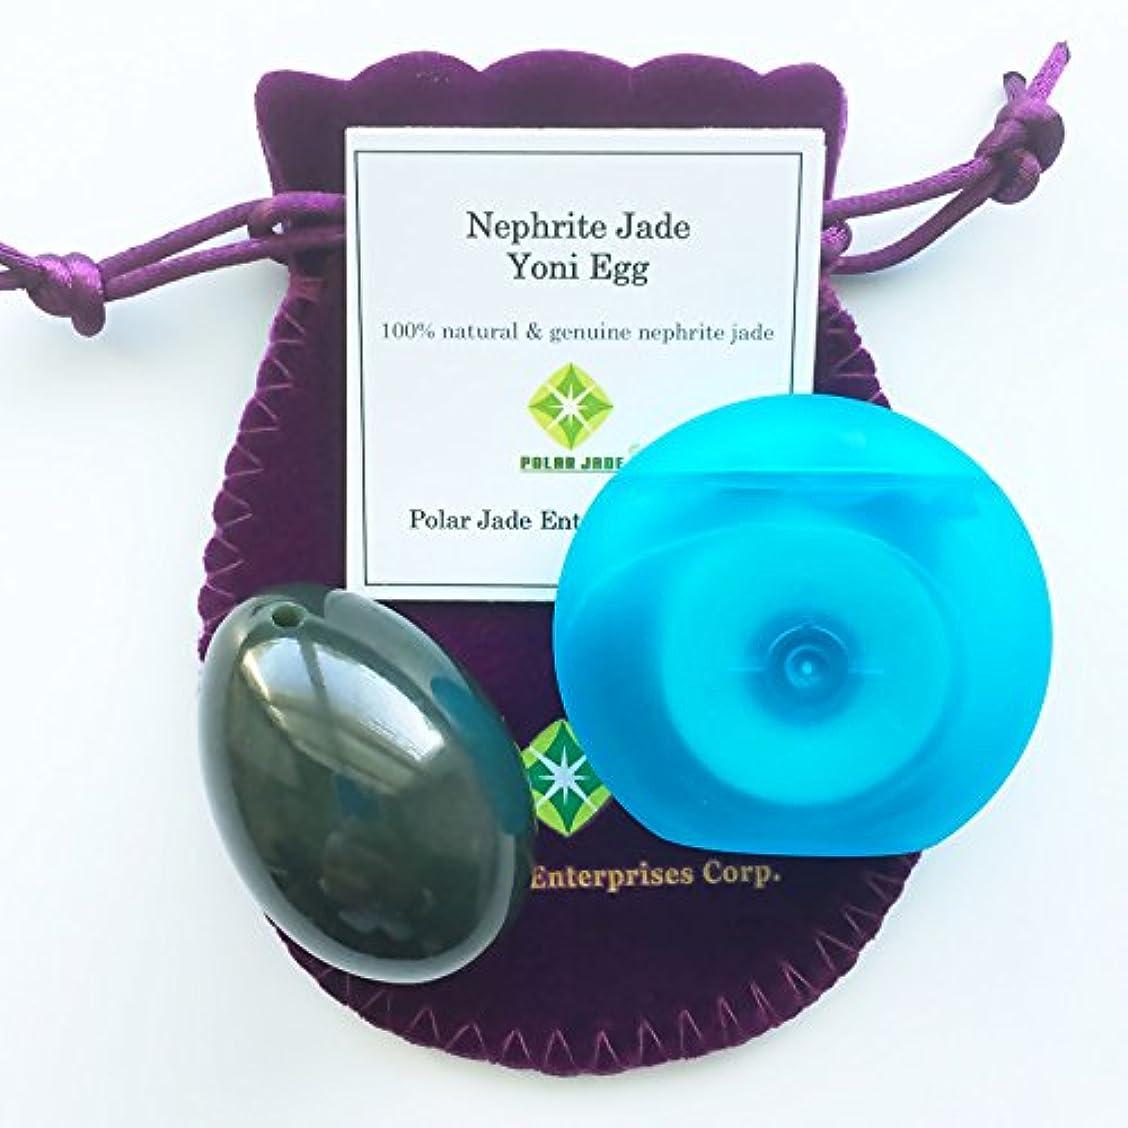 コンピューターを使用する位置づける放出ネフライト翡翠卵(ジェイドエッグ)、紐穴あり、ワックス加工のされていないデンタルフロス一箱同梱、品質証明書及びエッグ?エクササイズの使用説明書(英語)付き、パワーストーンとしても好適 (Nephrite Jade Egg...